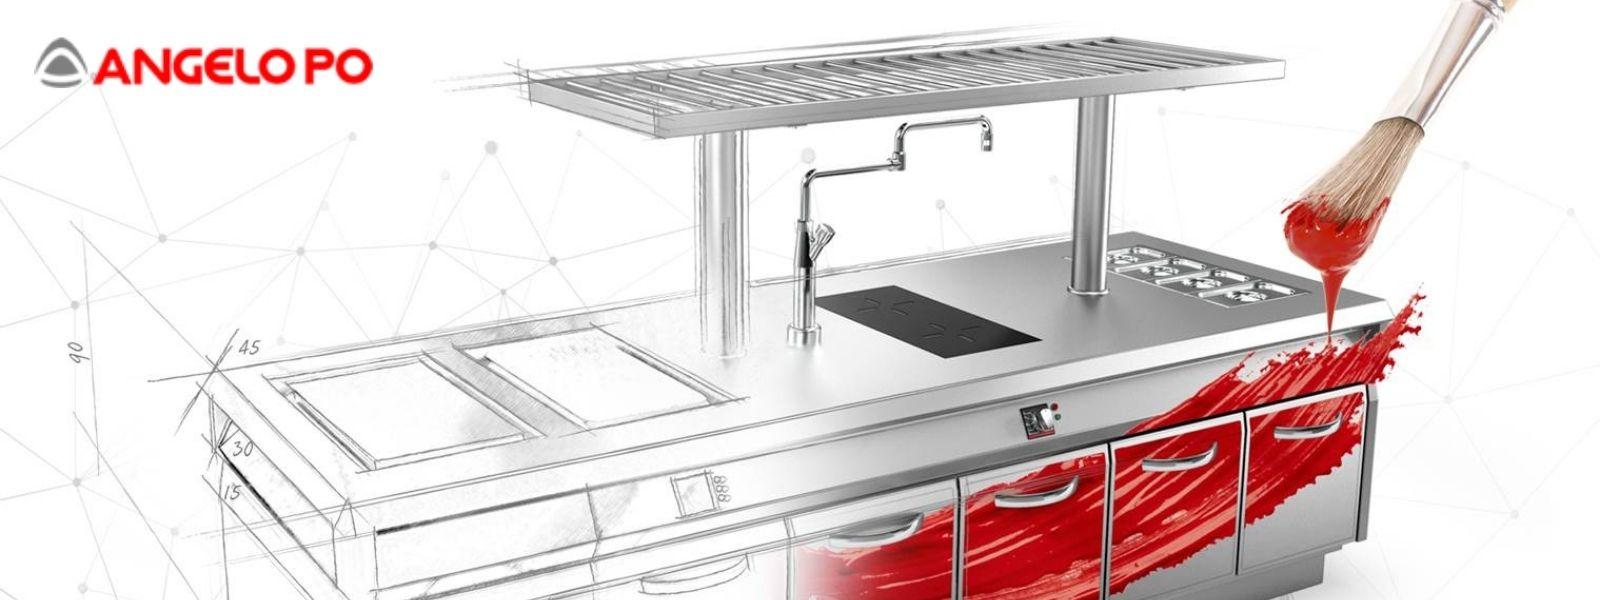 Angelo Po оборудование для кухни